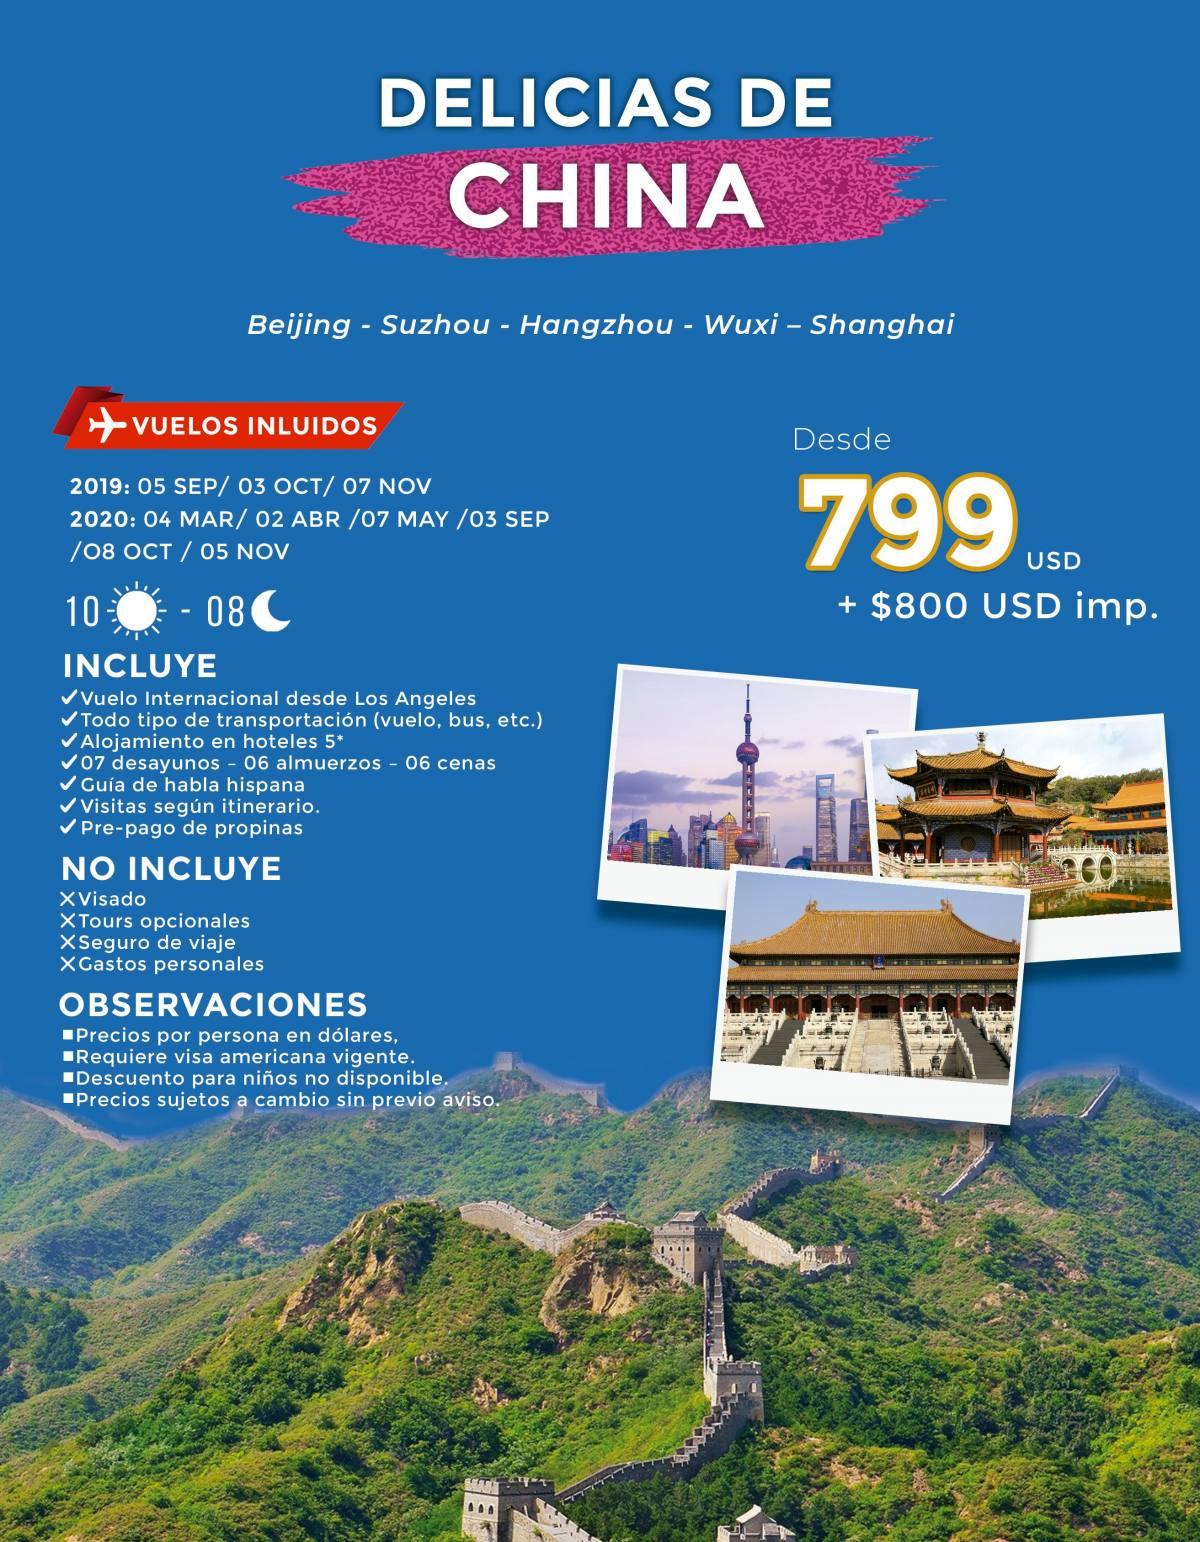 Delicias de China 10 Días desde 799 USD